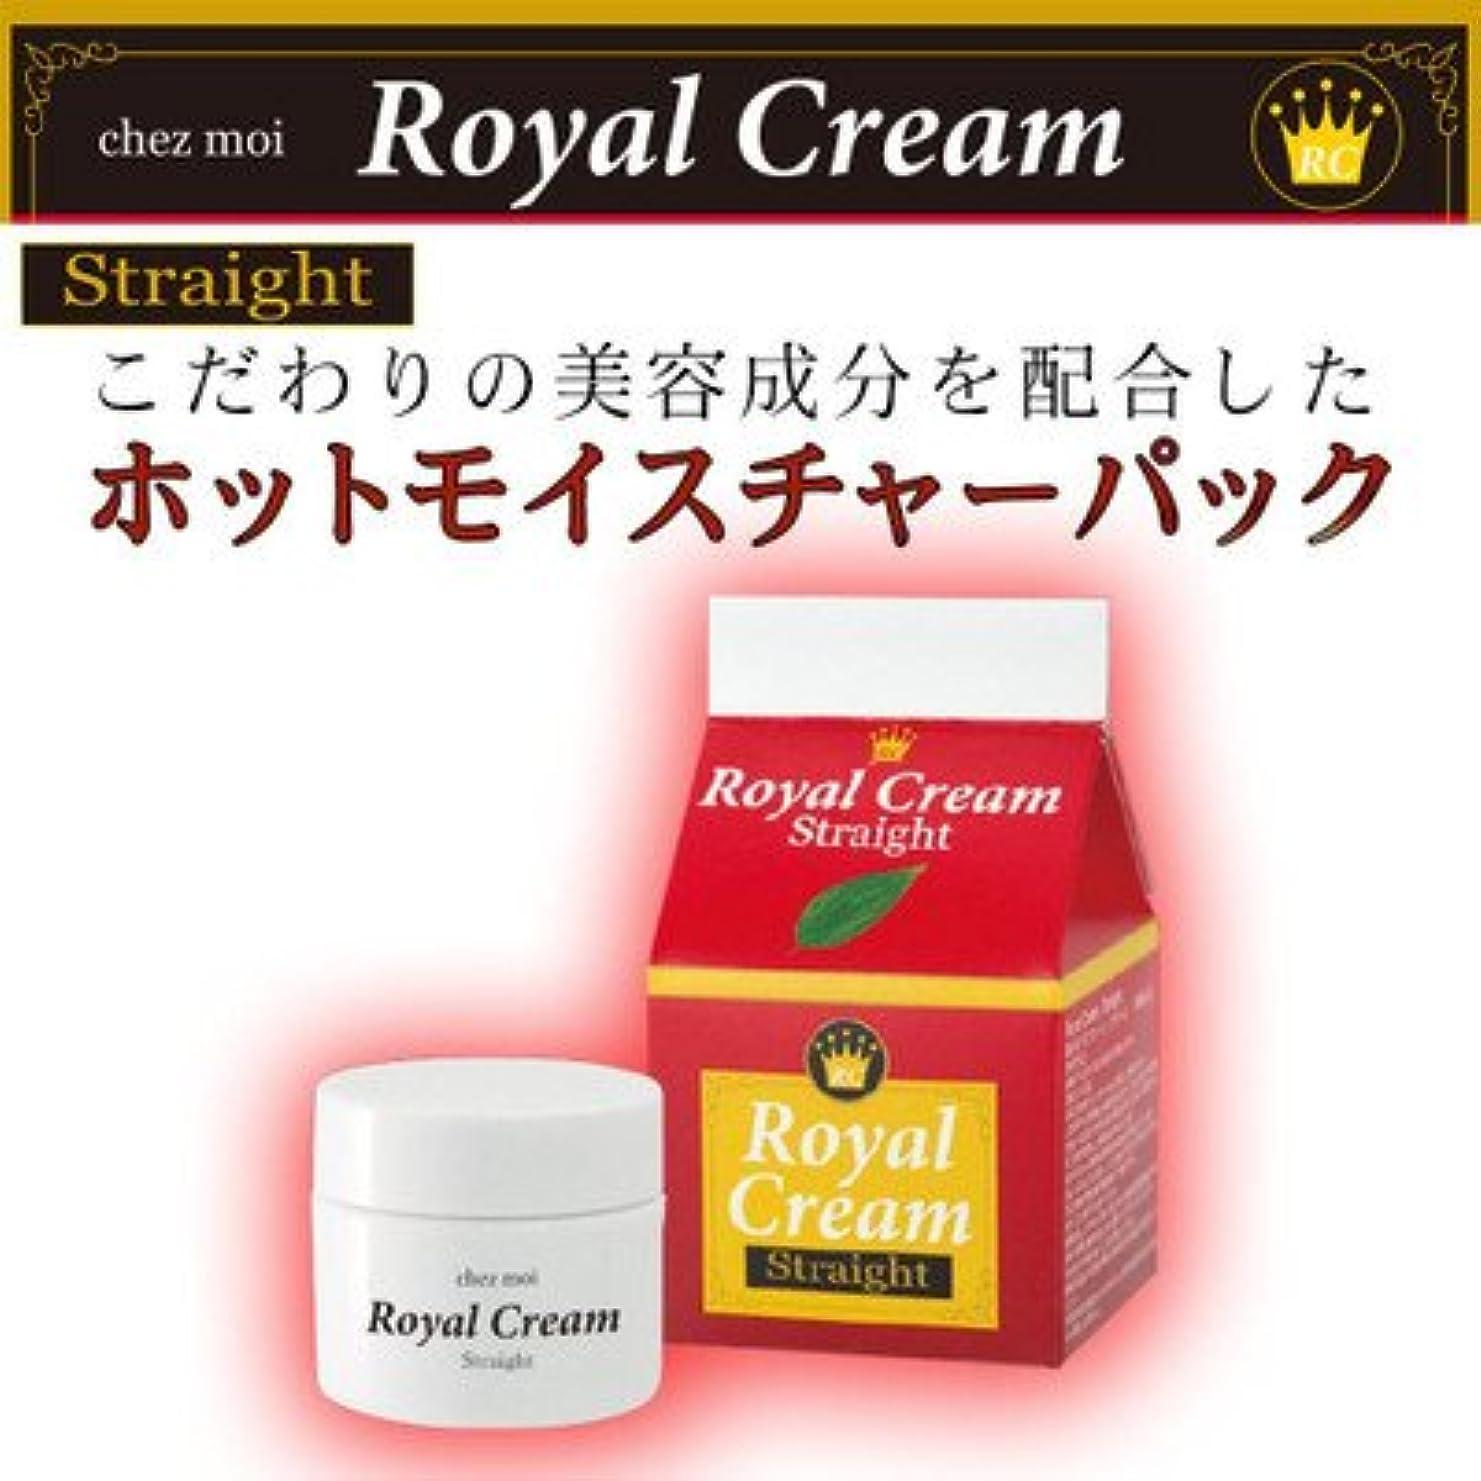 好きである石灰岩参照99%以上植物由来美容成分配合の 温感保湿パック Royal Cream ロイヤルクリーム Straight ストレート モイスチャーパック 30g